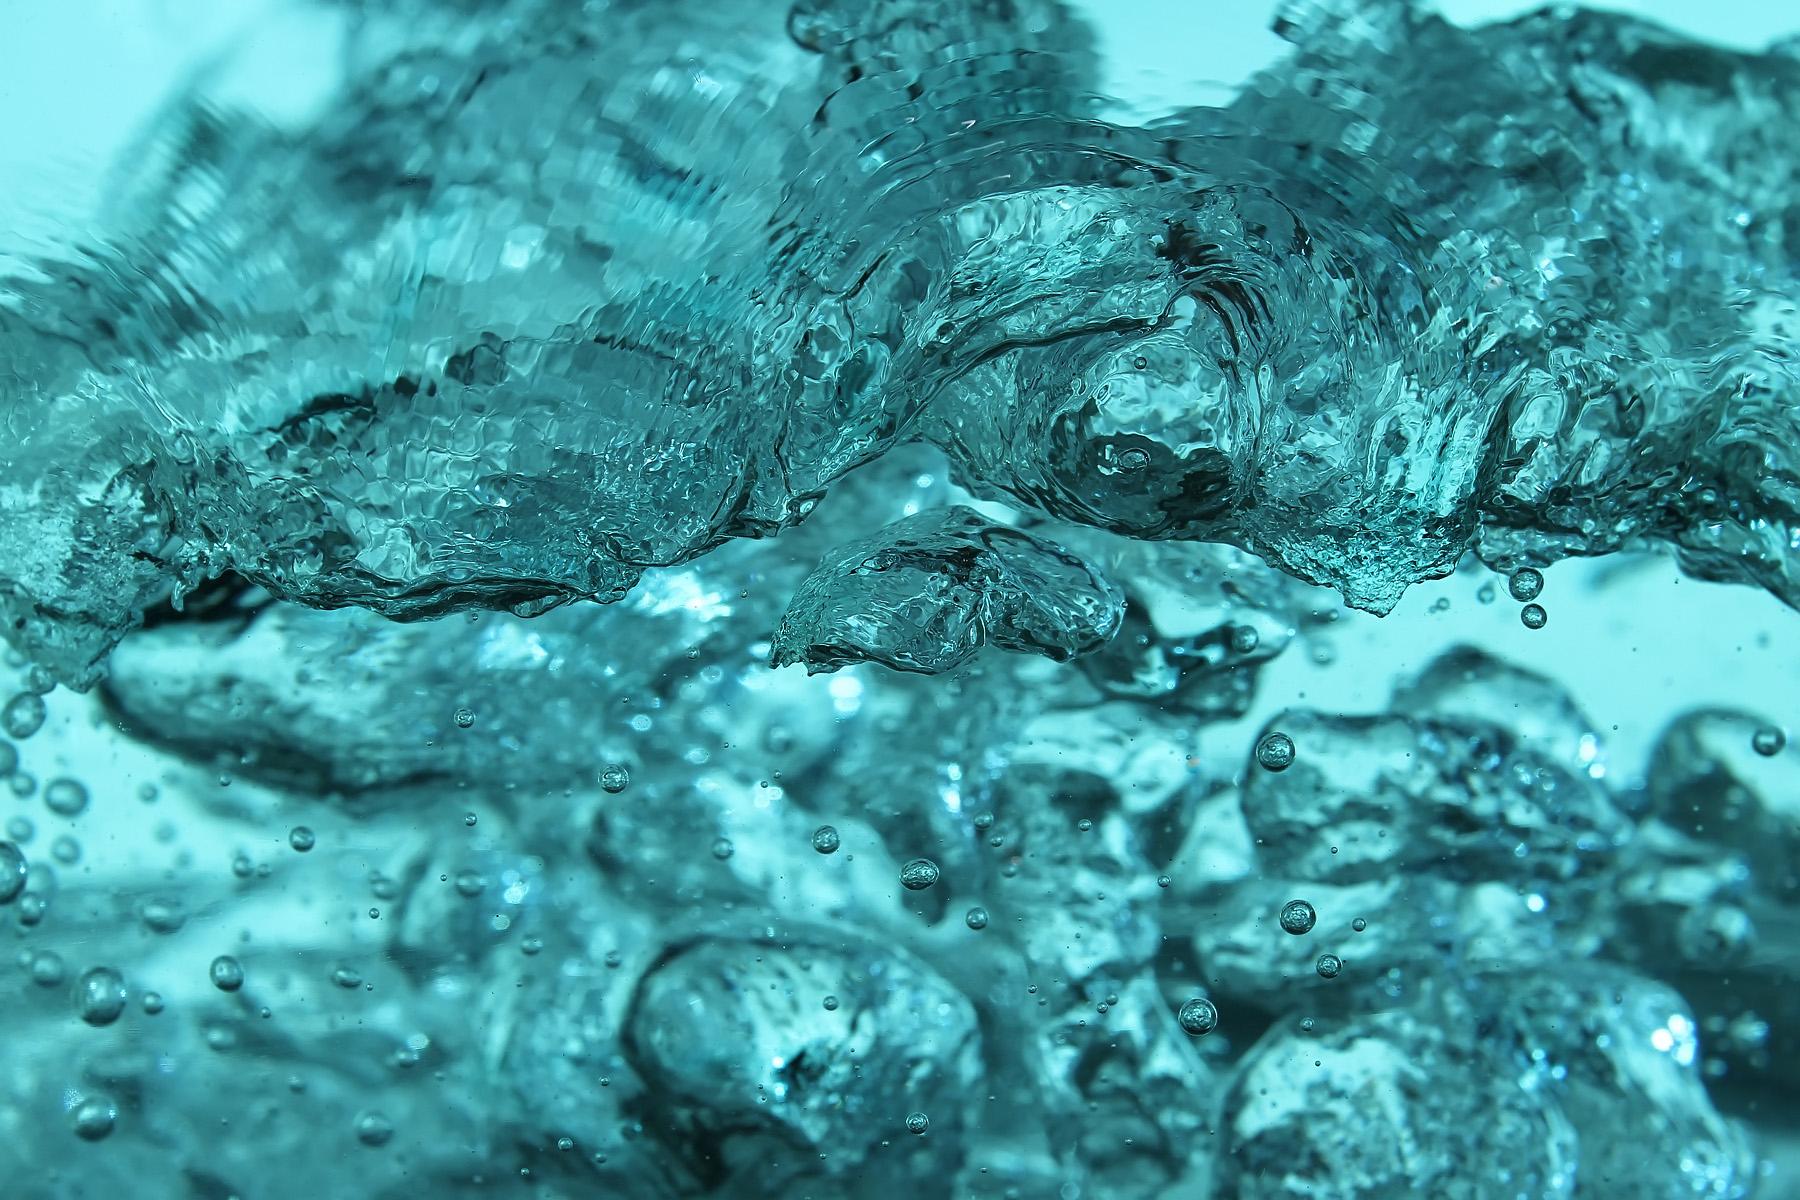 вода кипяток картинки